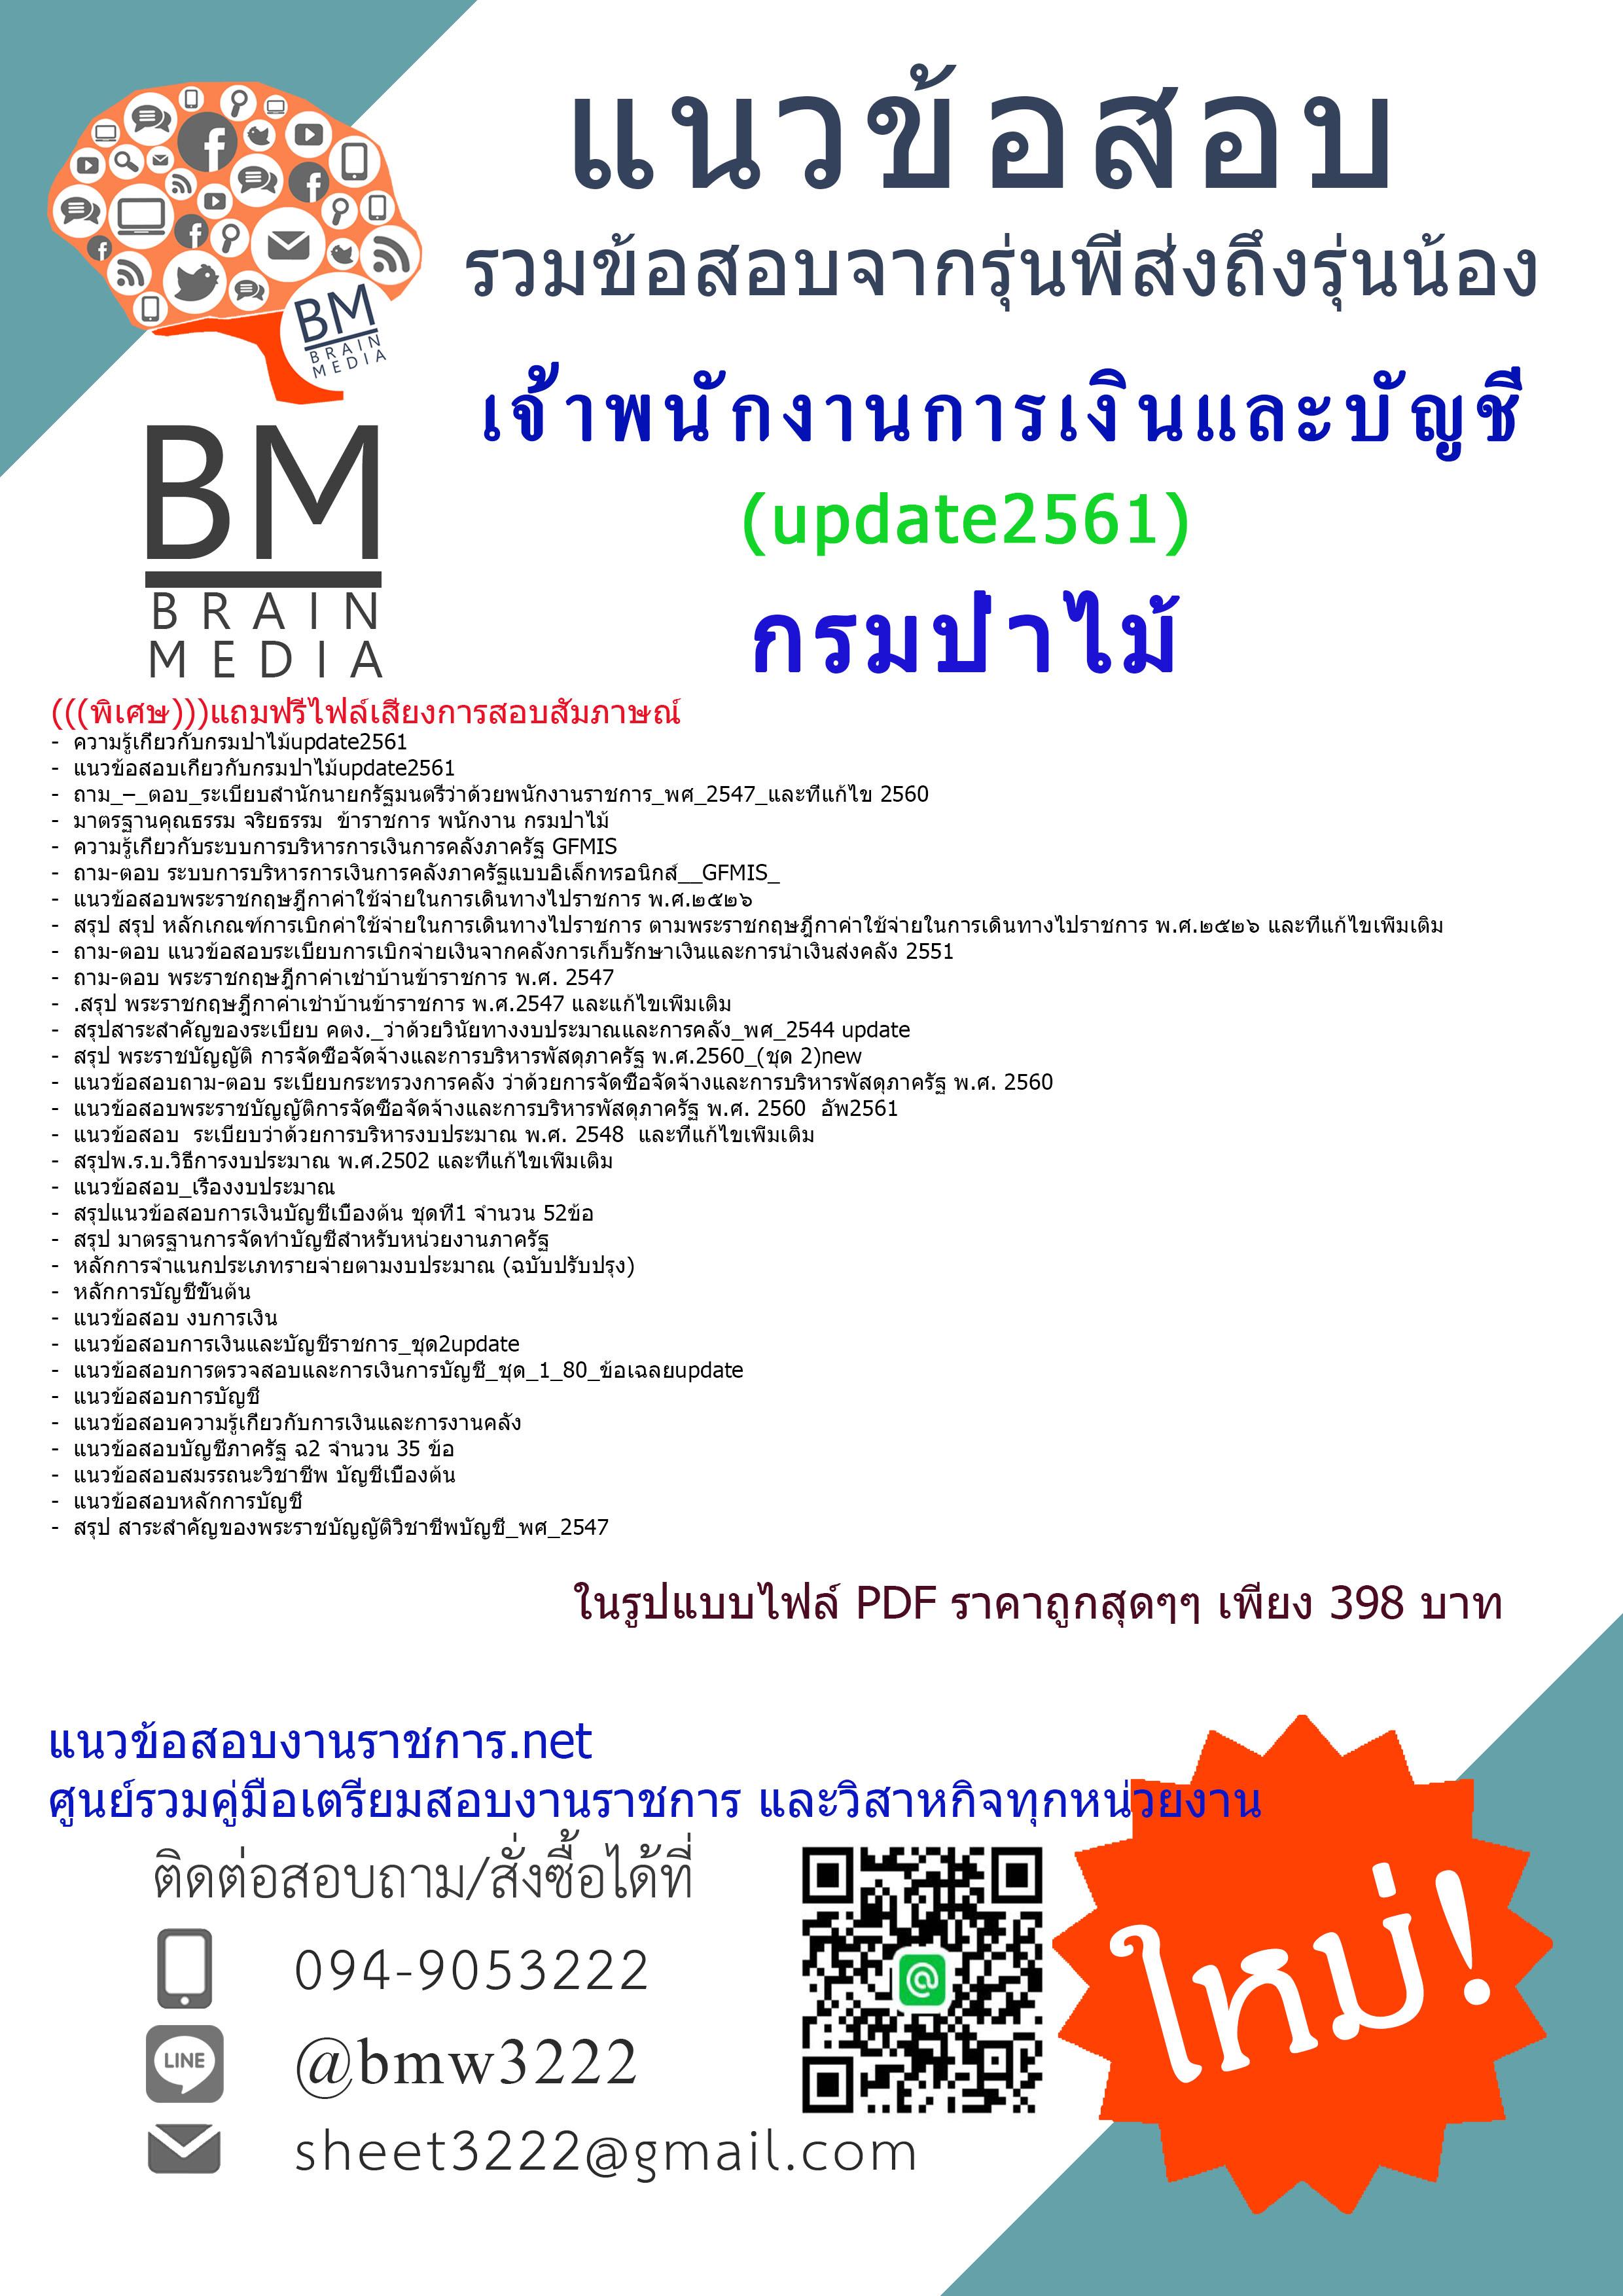 (((ปรับปรุงใหม่ๆ)))แนวข้อสอบเจ้าพนักงานการเงินและบัญชีกรมป่าไม้2561